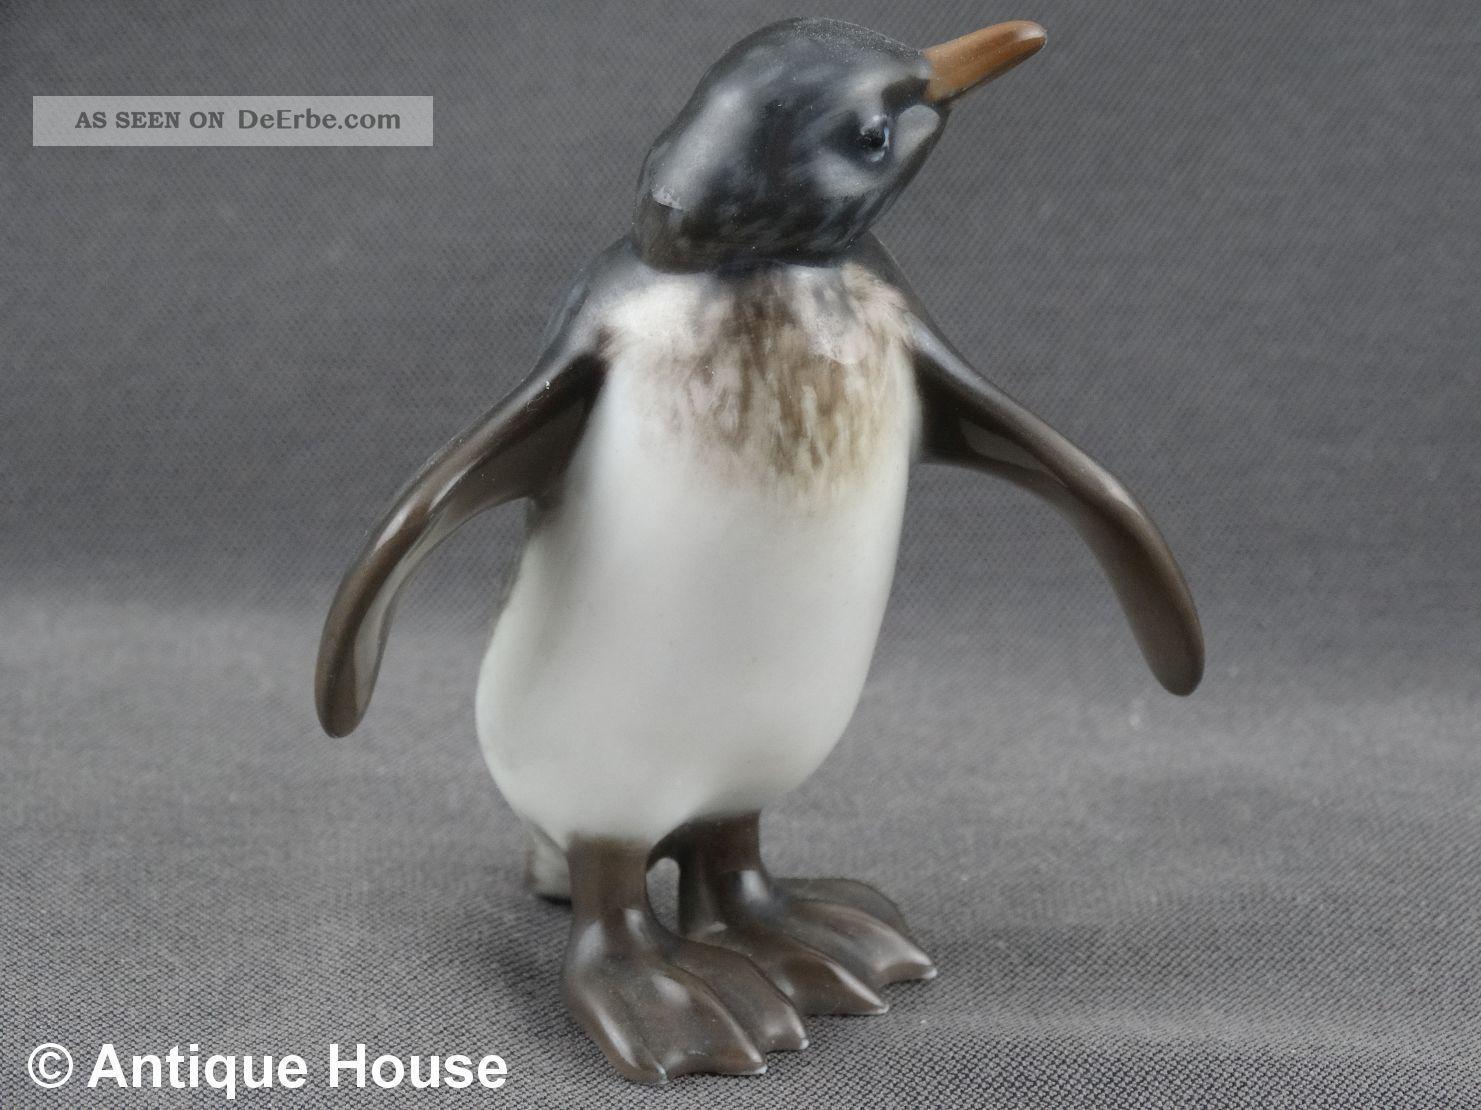 Rosenthal Porzellanfigur Pinguin Figur Modell 399 Handgemalt 01 Nach Marke & Herkunft Bild